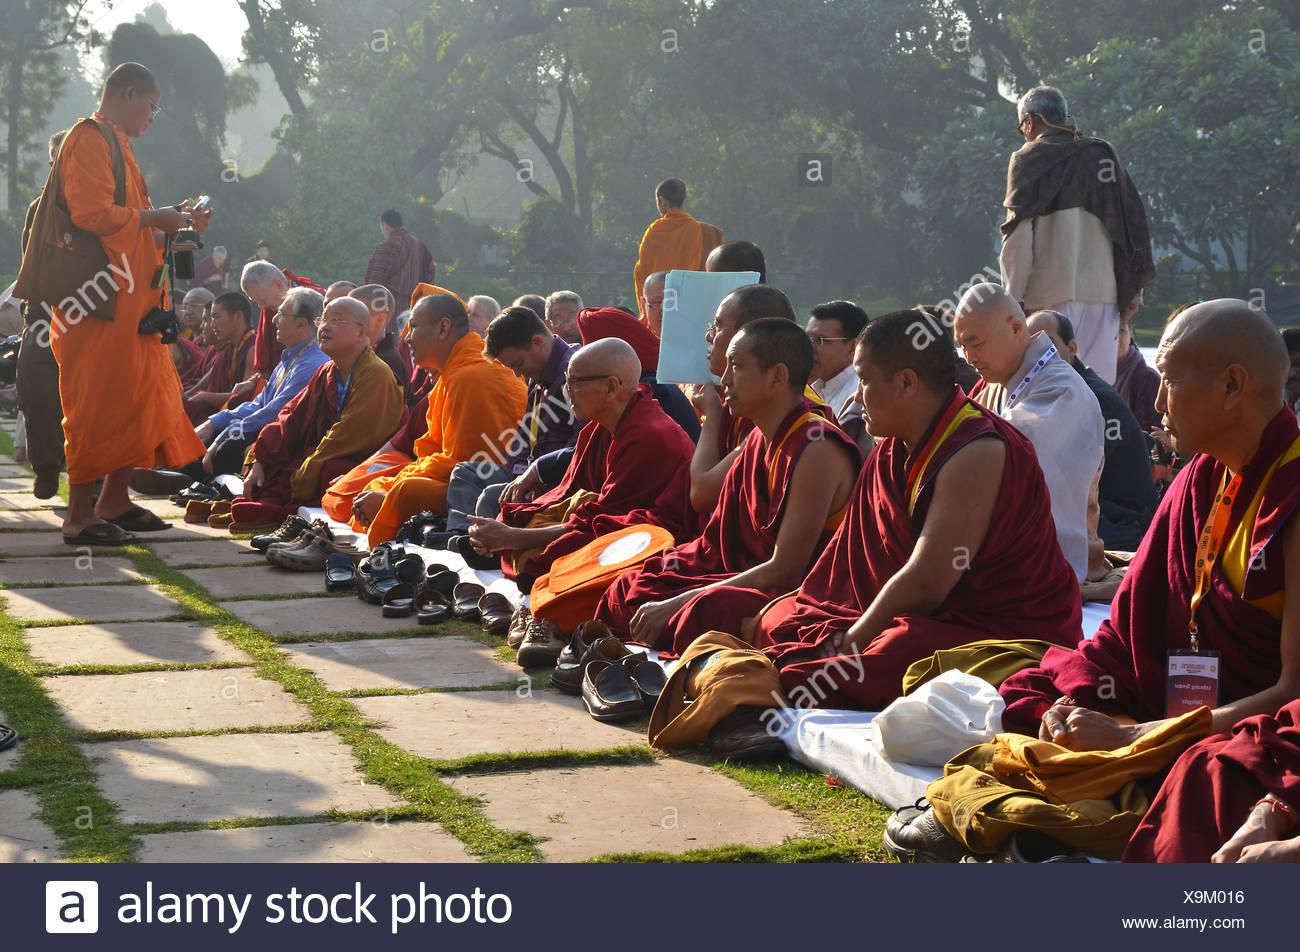 I monaci di tutte le tradizioni buddiste raccogliere per una preghiera comunitaria in loro l'arancione e il rosso accappatoi, Global Congregazione buddista 2011 Immagini Stock